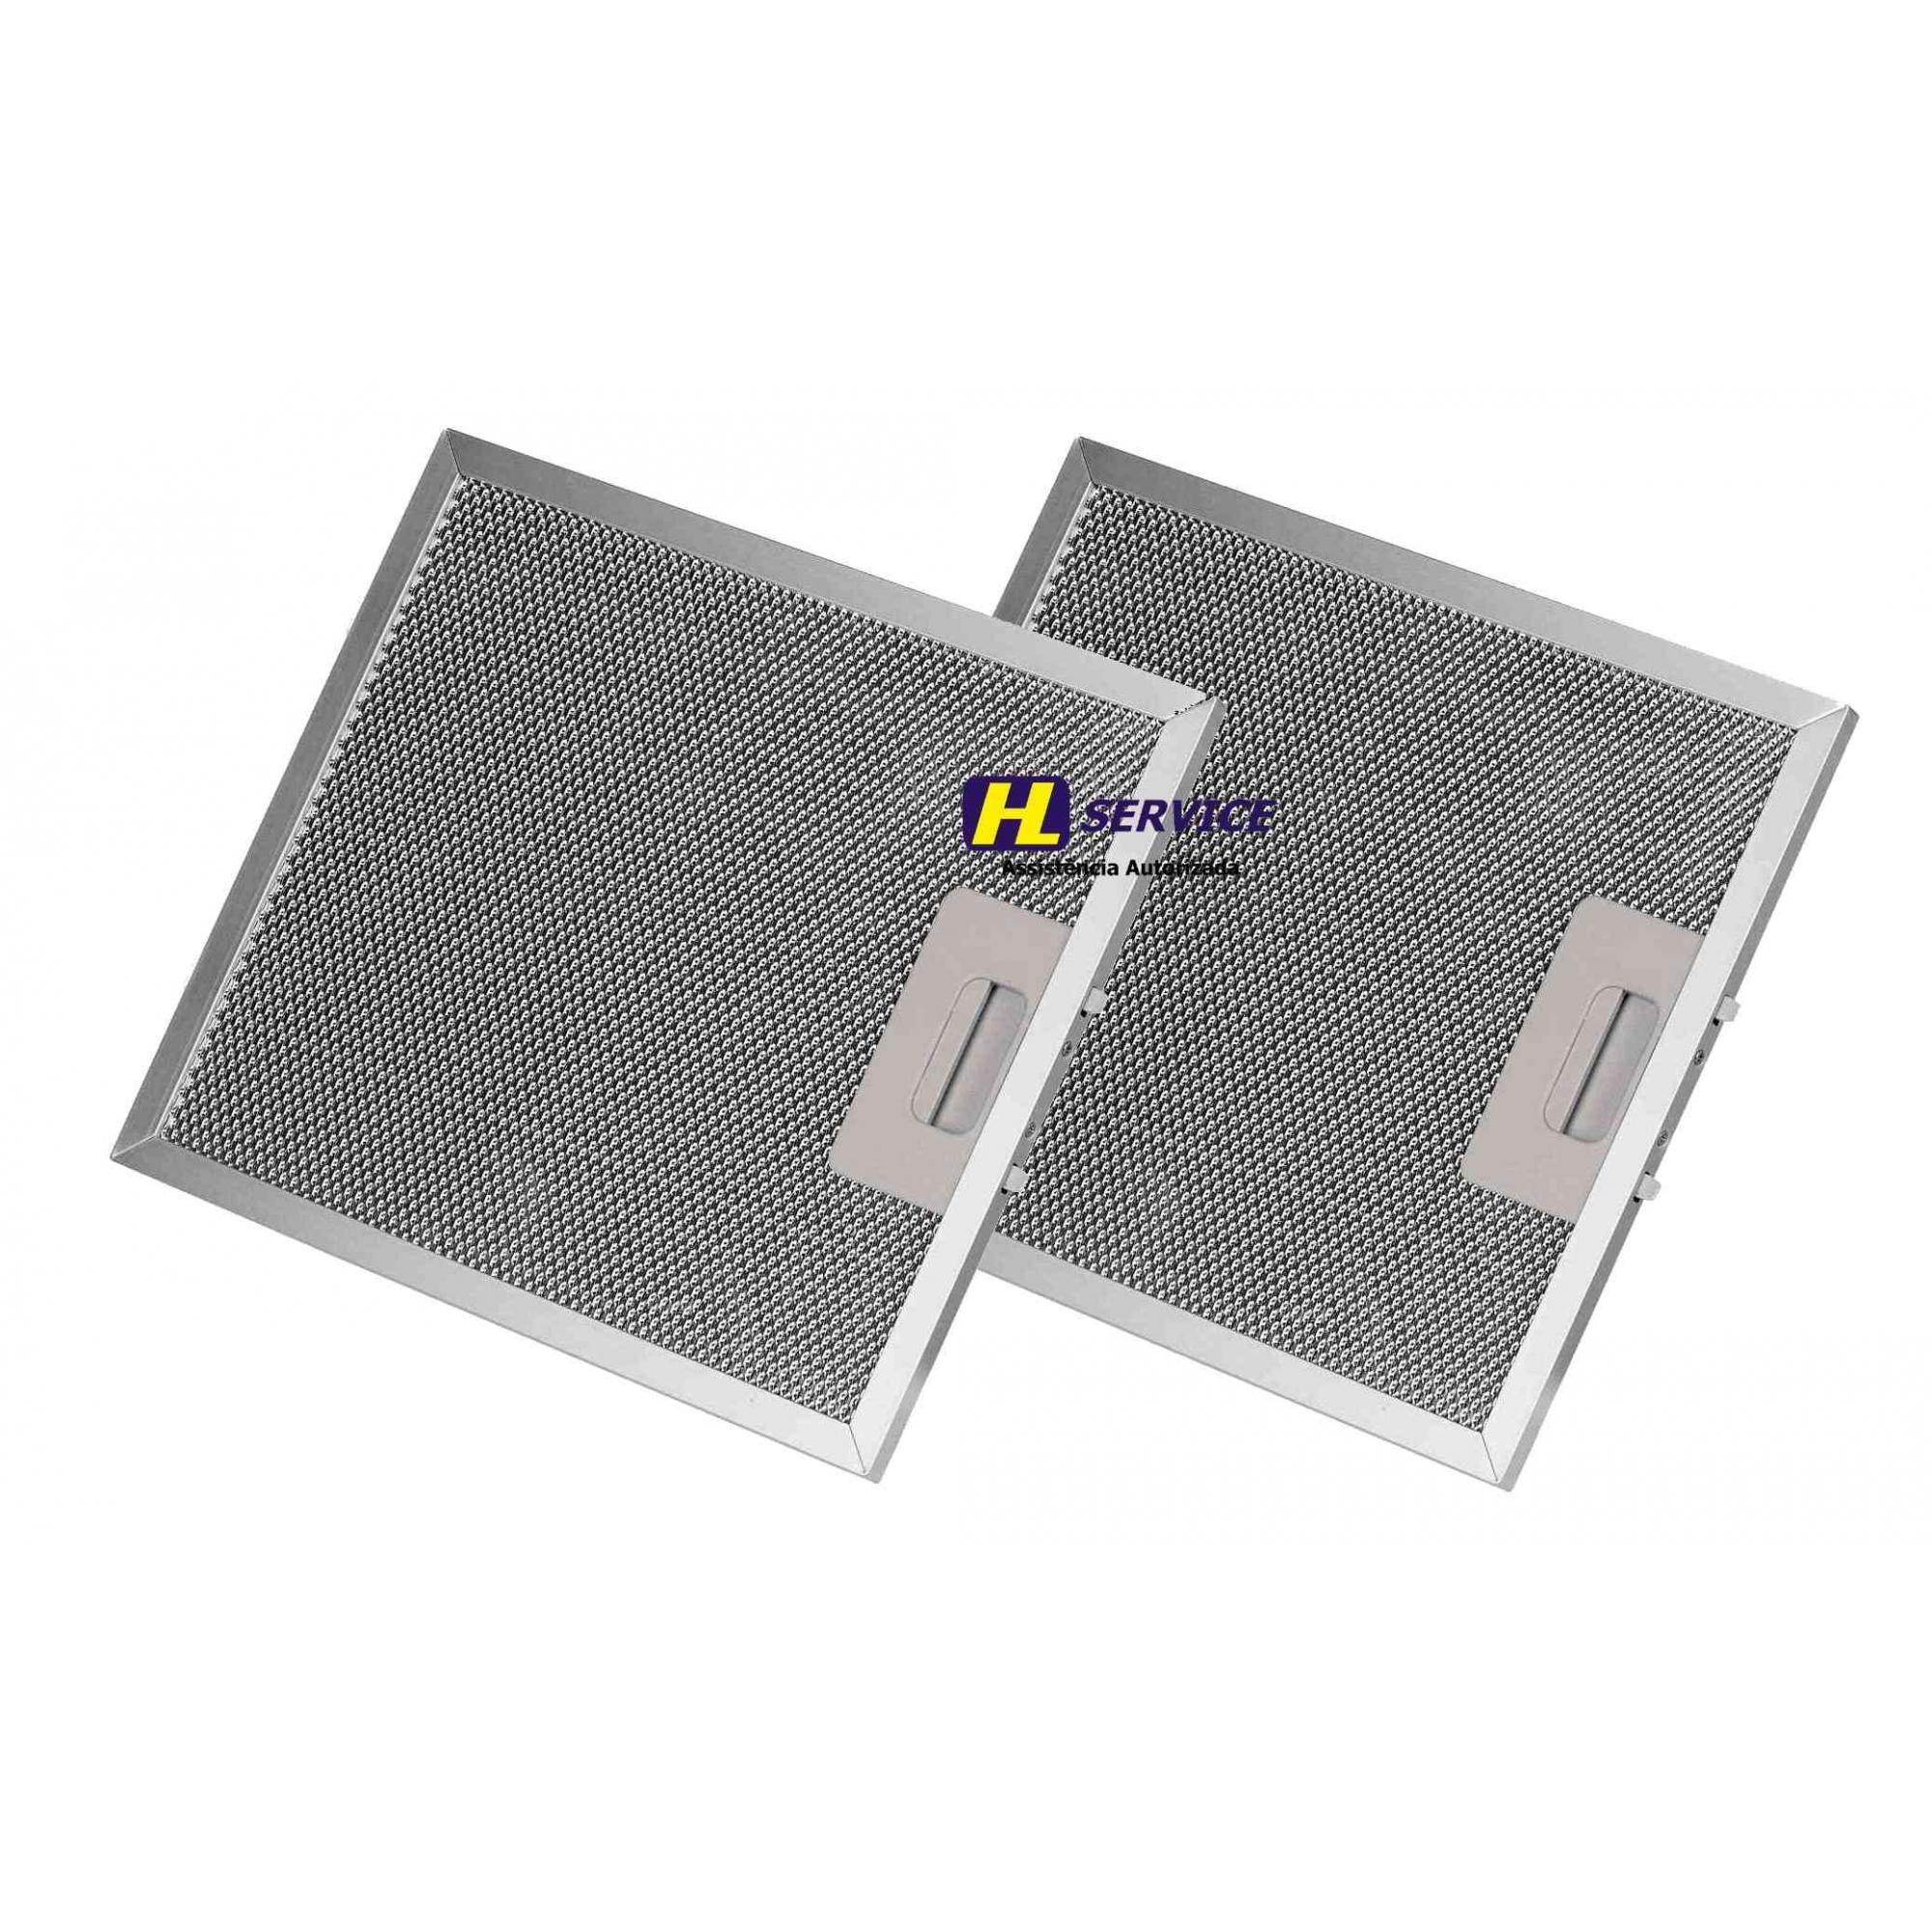 02 Filtros Alumínio Coifa Topazio 60cm TP776 28x40 Cm Suggar